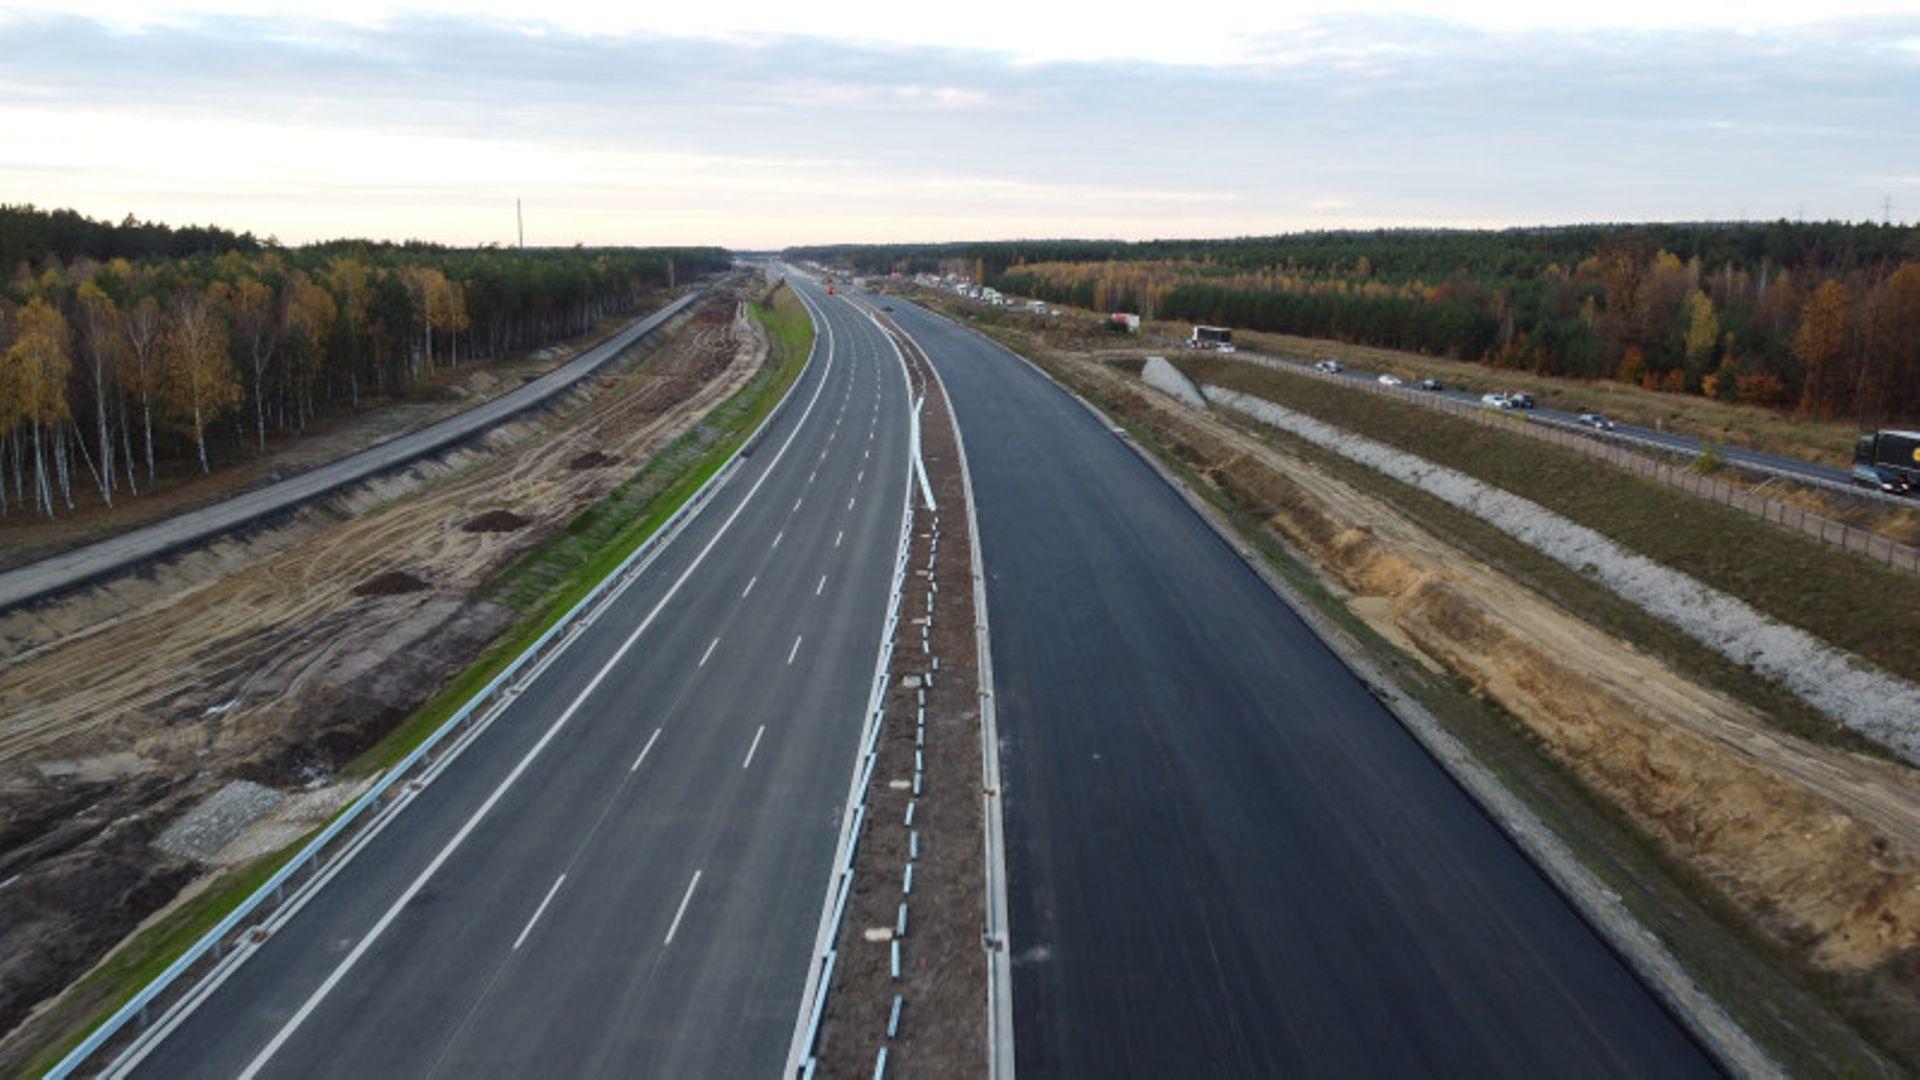 Aktualny stan budowy odcinka trasy S3 Lubin Północ - Kaźmierzów